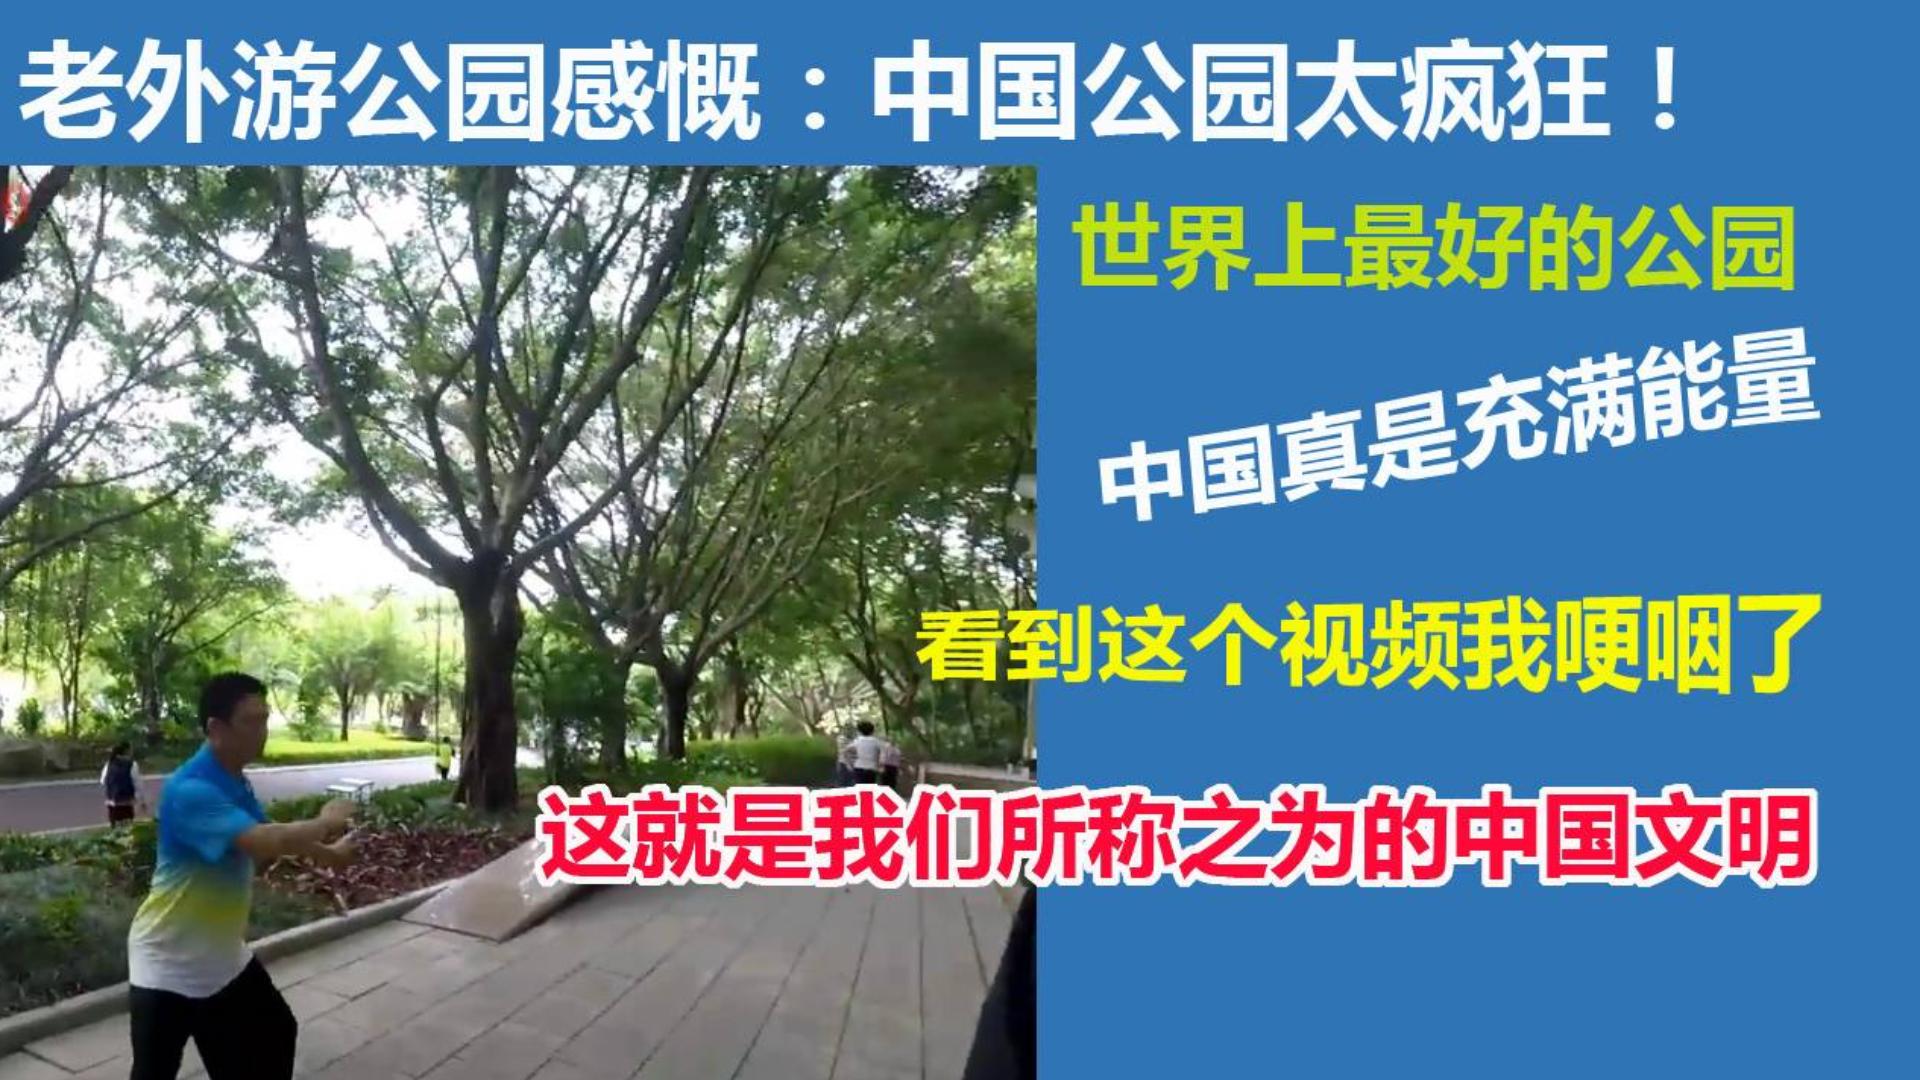 老外游公园,感慨:中国公园太疯狂!网友:看了这个视频哽咽了,充满能量